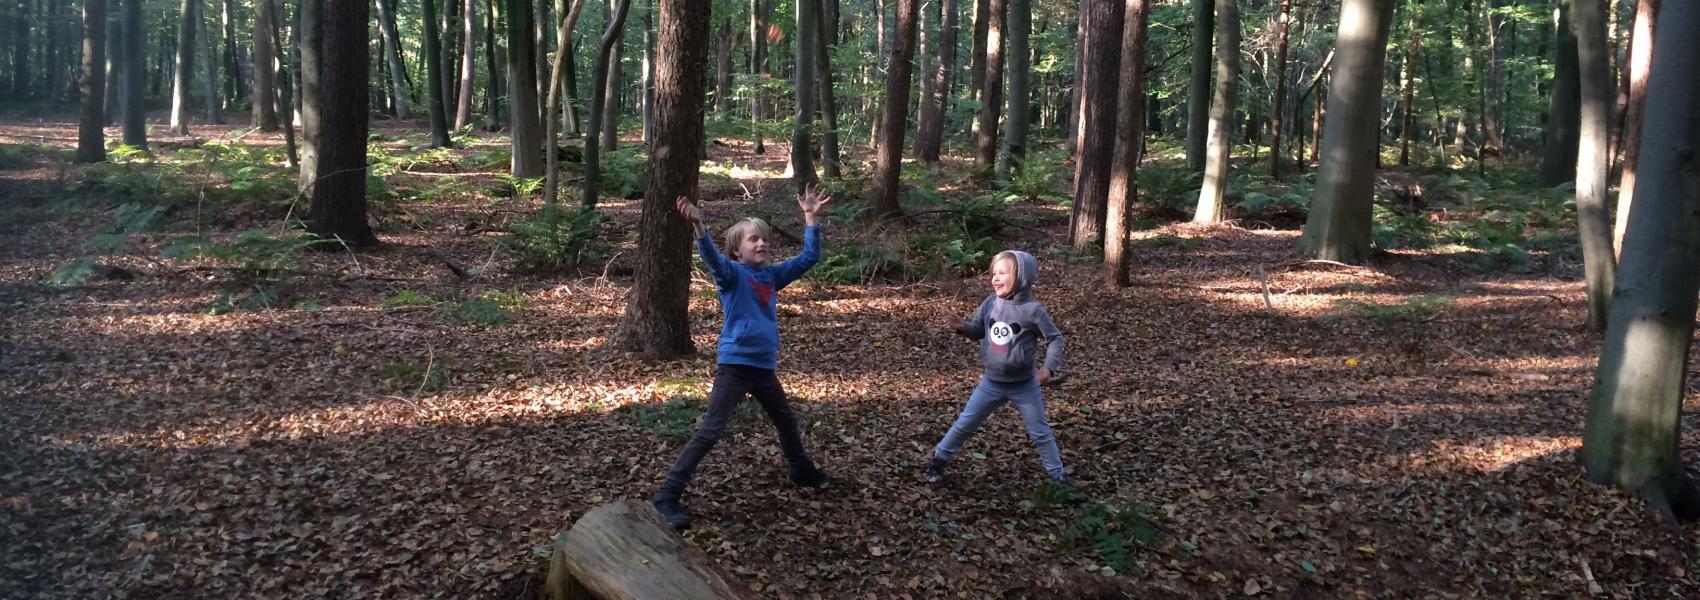 Kinderen in bos - Evelien De Munter